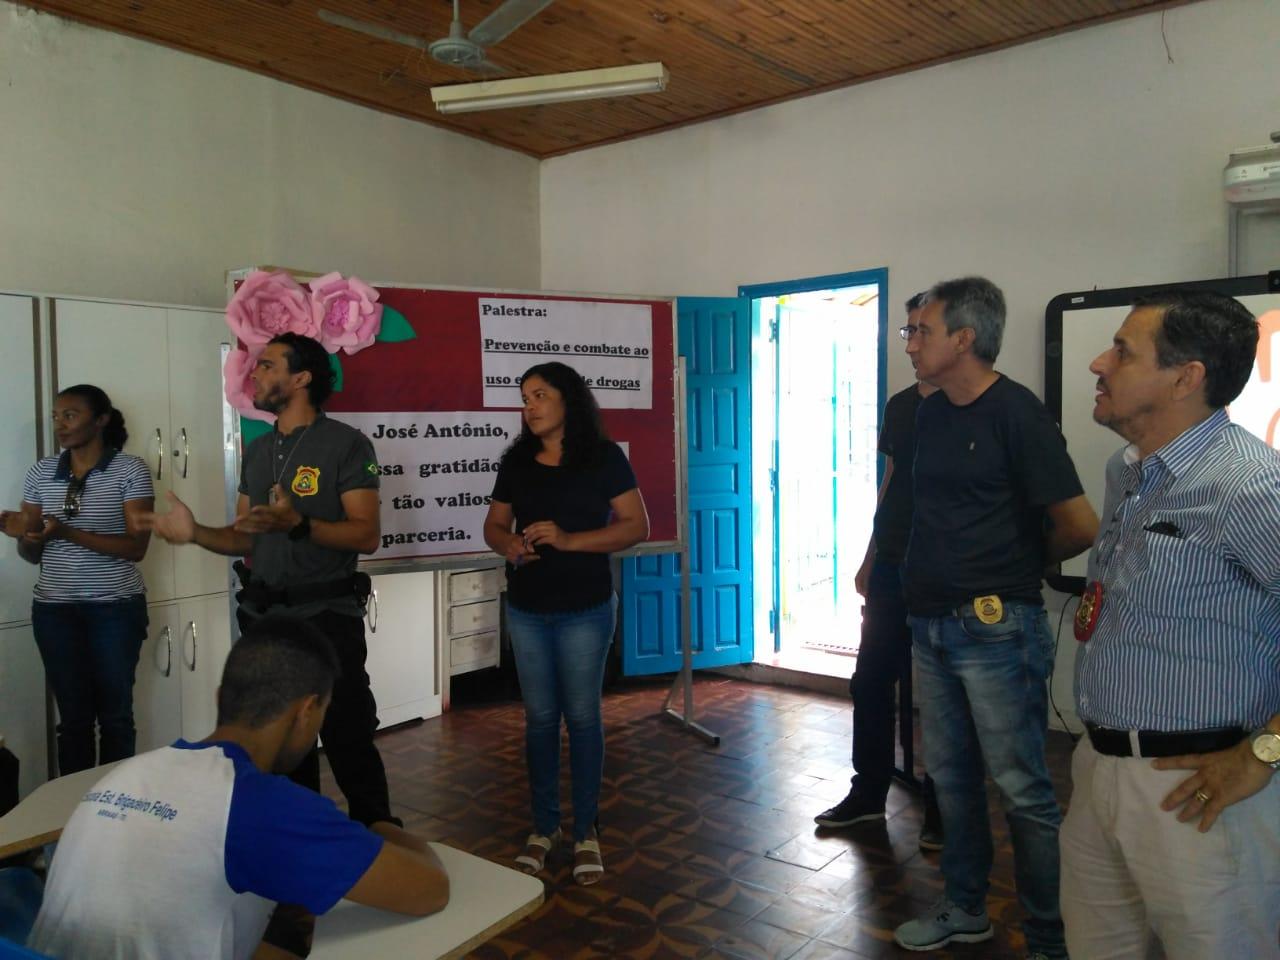 9ª Delegacia Regional de Polícia Civil de Arraias realiza palestra sobre prevenção e combate ao uso e tráfico de drogas